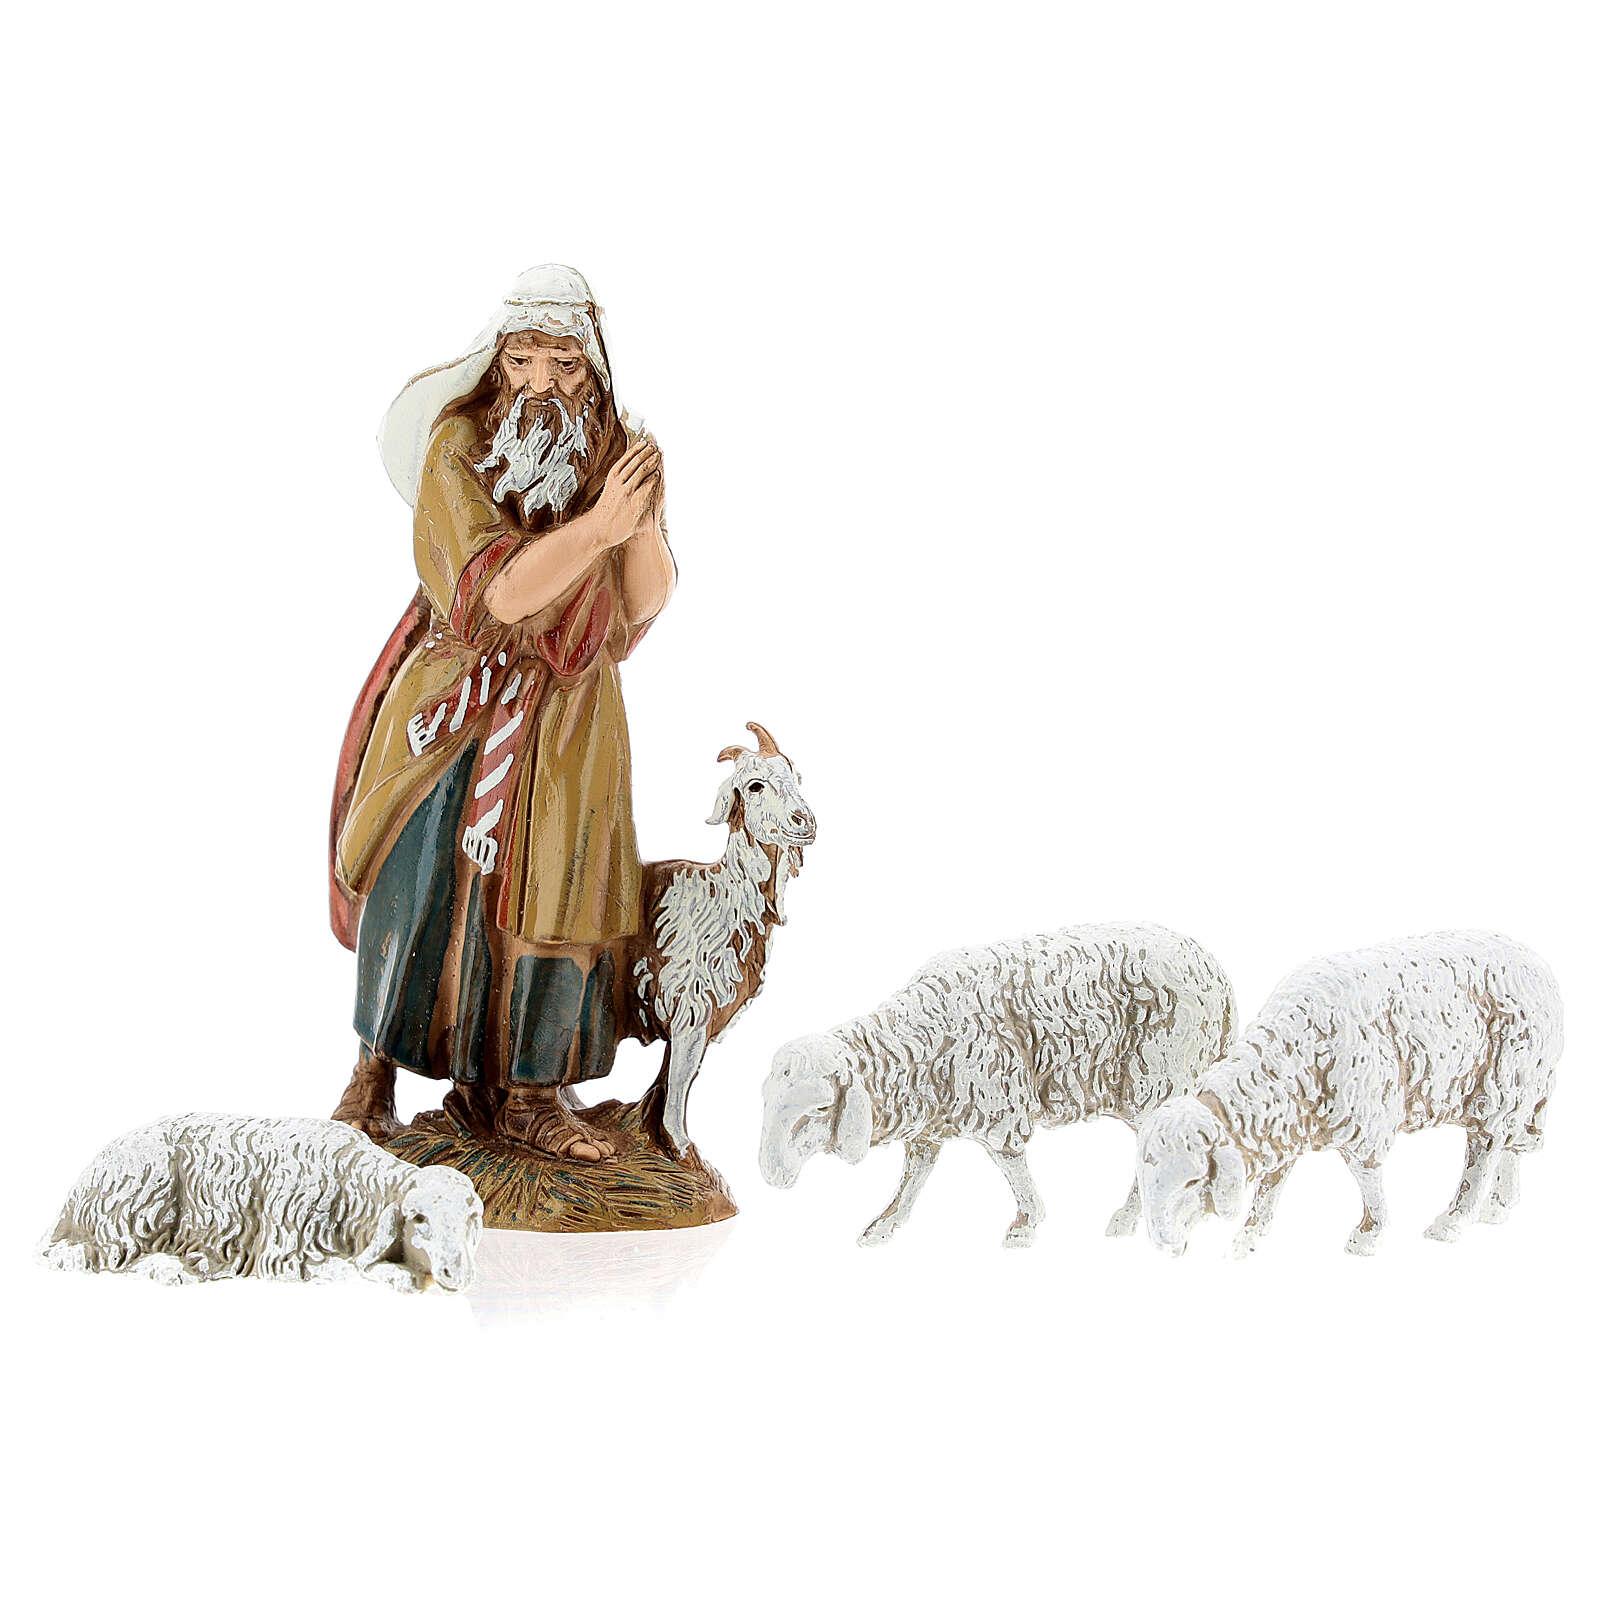 Fazenda estilo provençal com figuras presépio de Natal altura média 10 cm; medidas: 55x24x21 cm 4